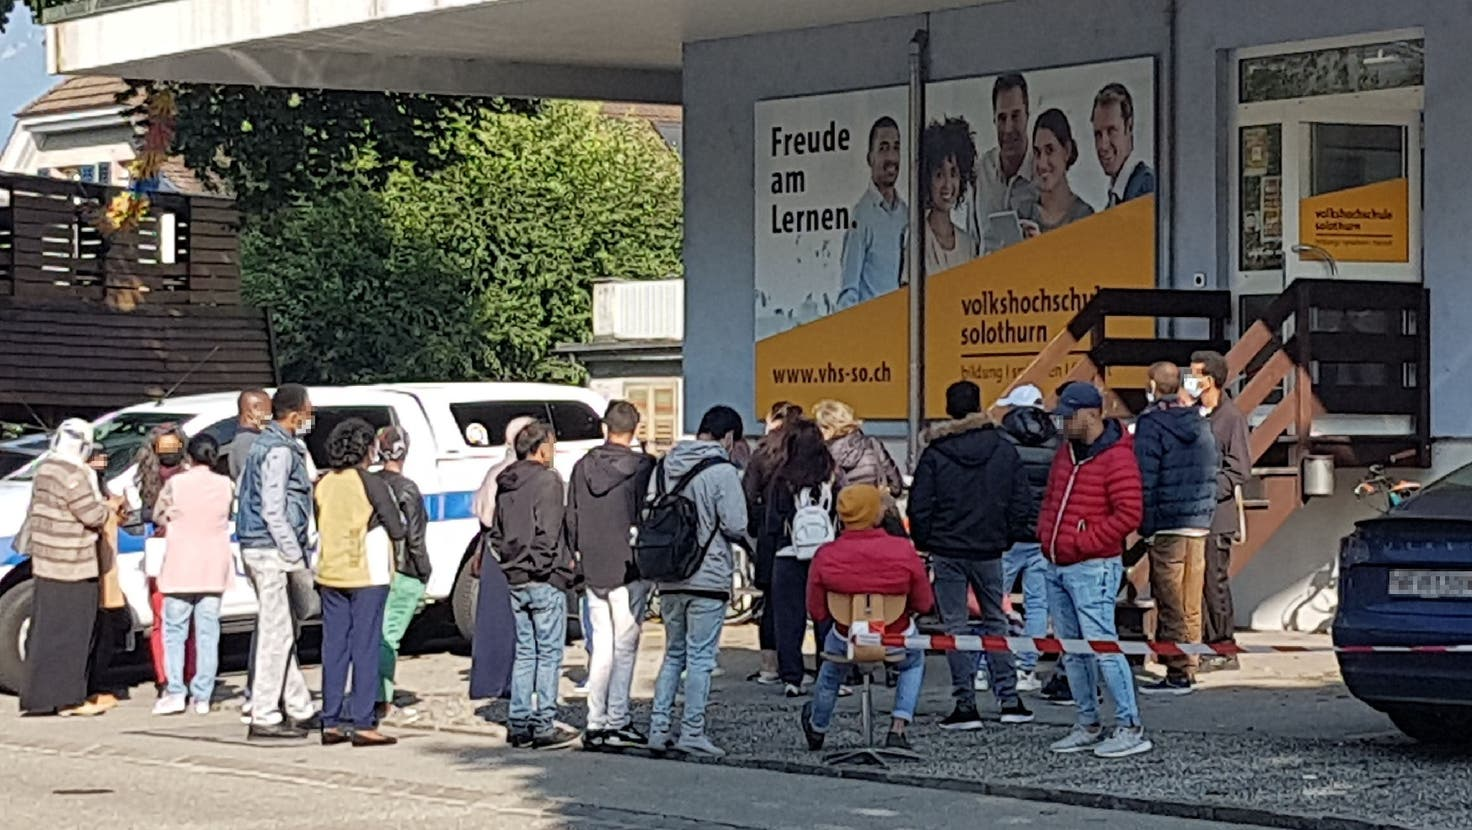 Für eine kurze Zeit bildete sich vor der Volkshochschule Solothurn eine Schlange. (zvg)